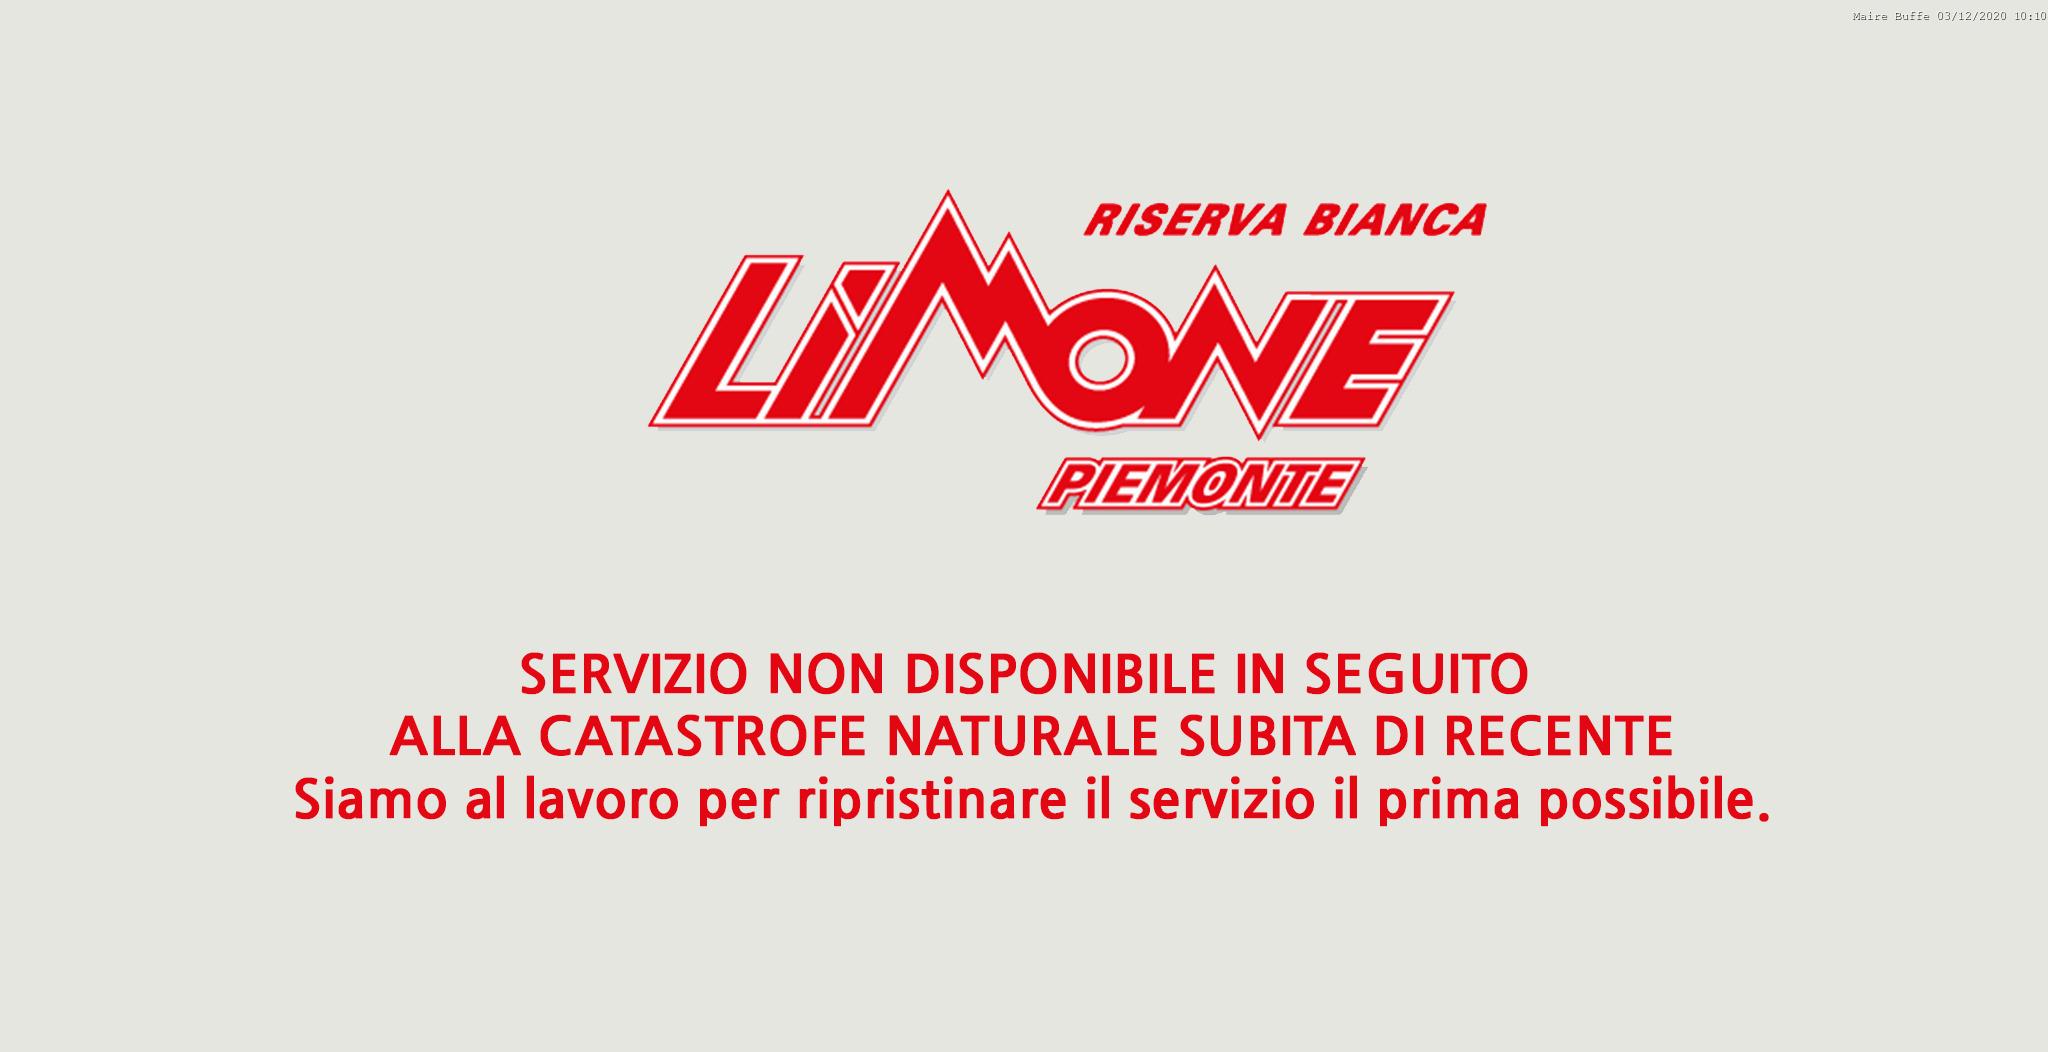 Limone Piemonte Pian del Leone